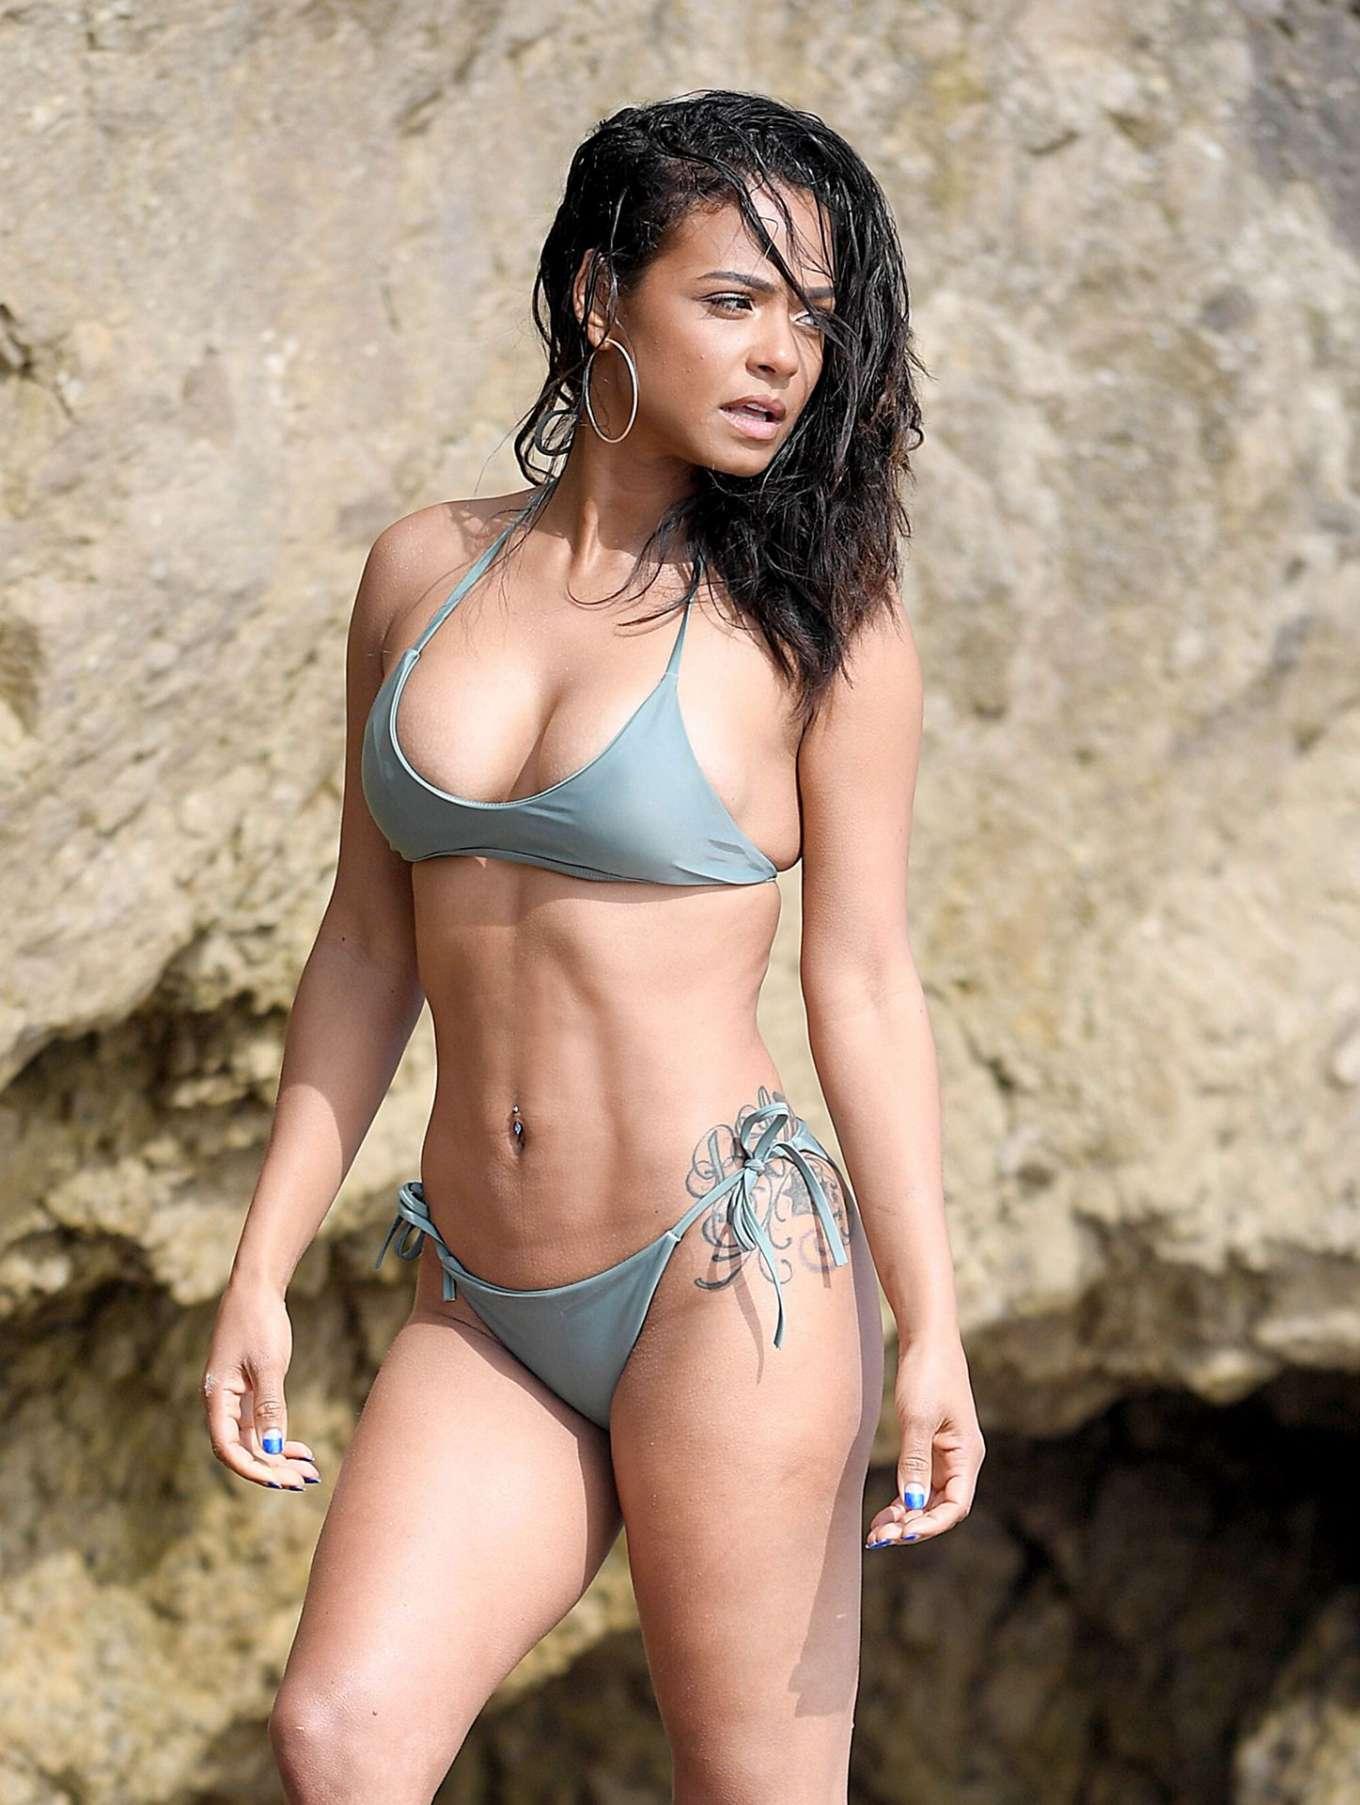 Christina Milian in Bikini on a photoshoot in Malibu